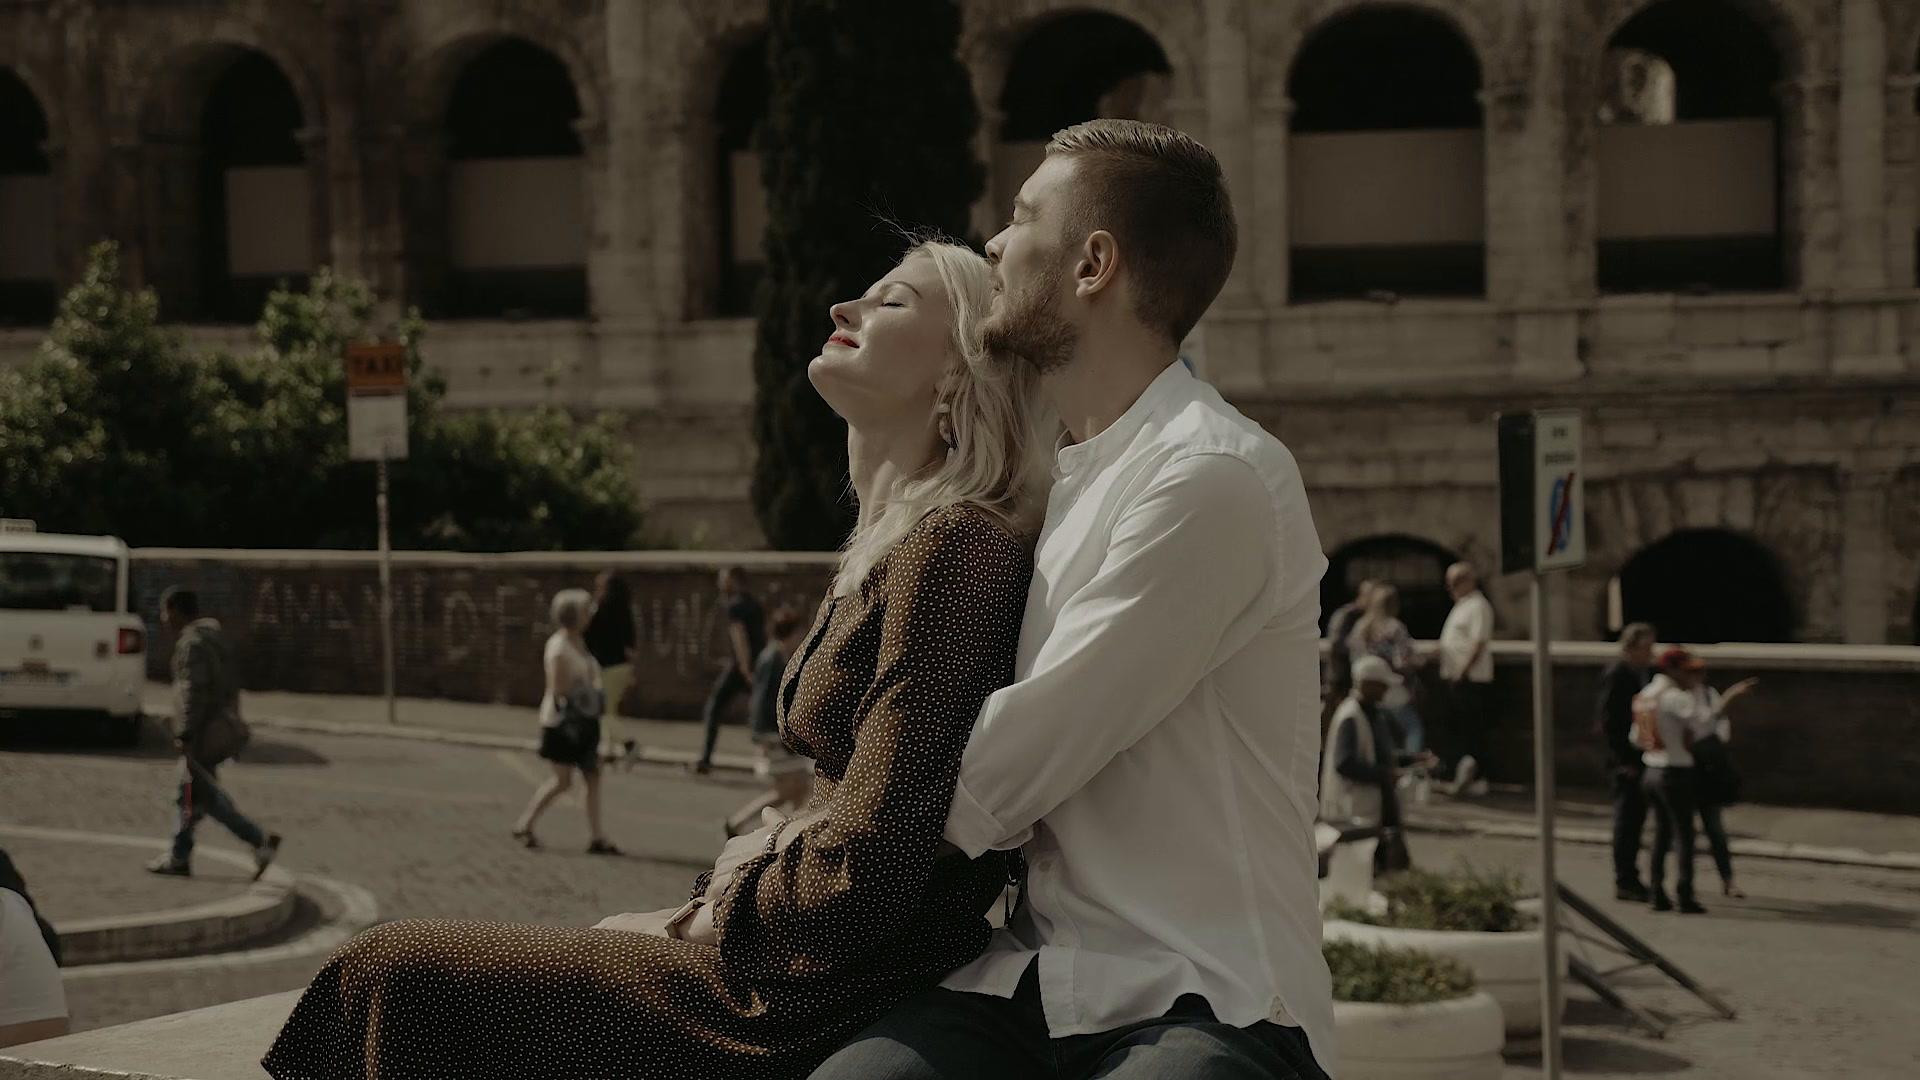 Slava + Tatiana | Rome, Italy | Street